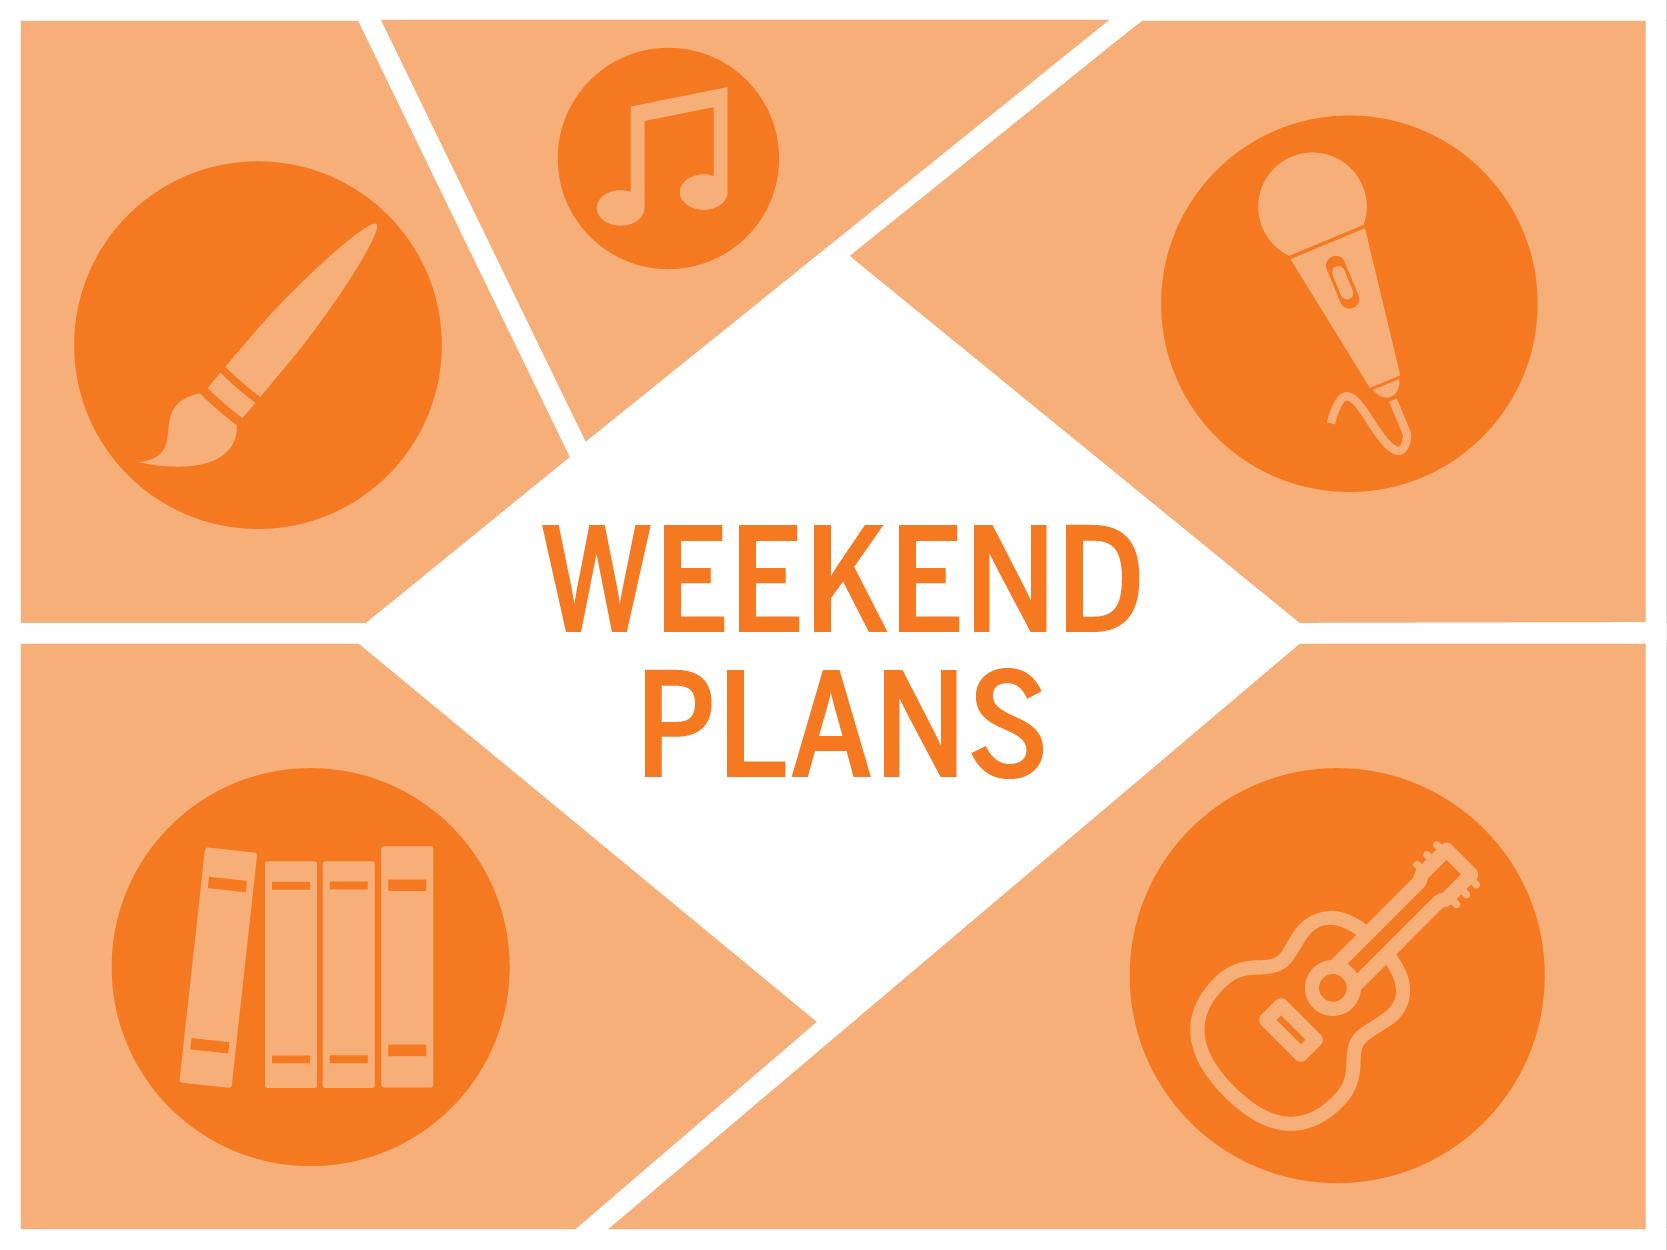 weekend-plans-02-1